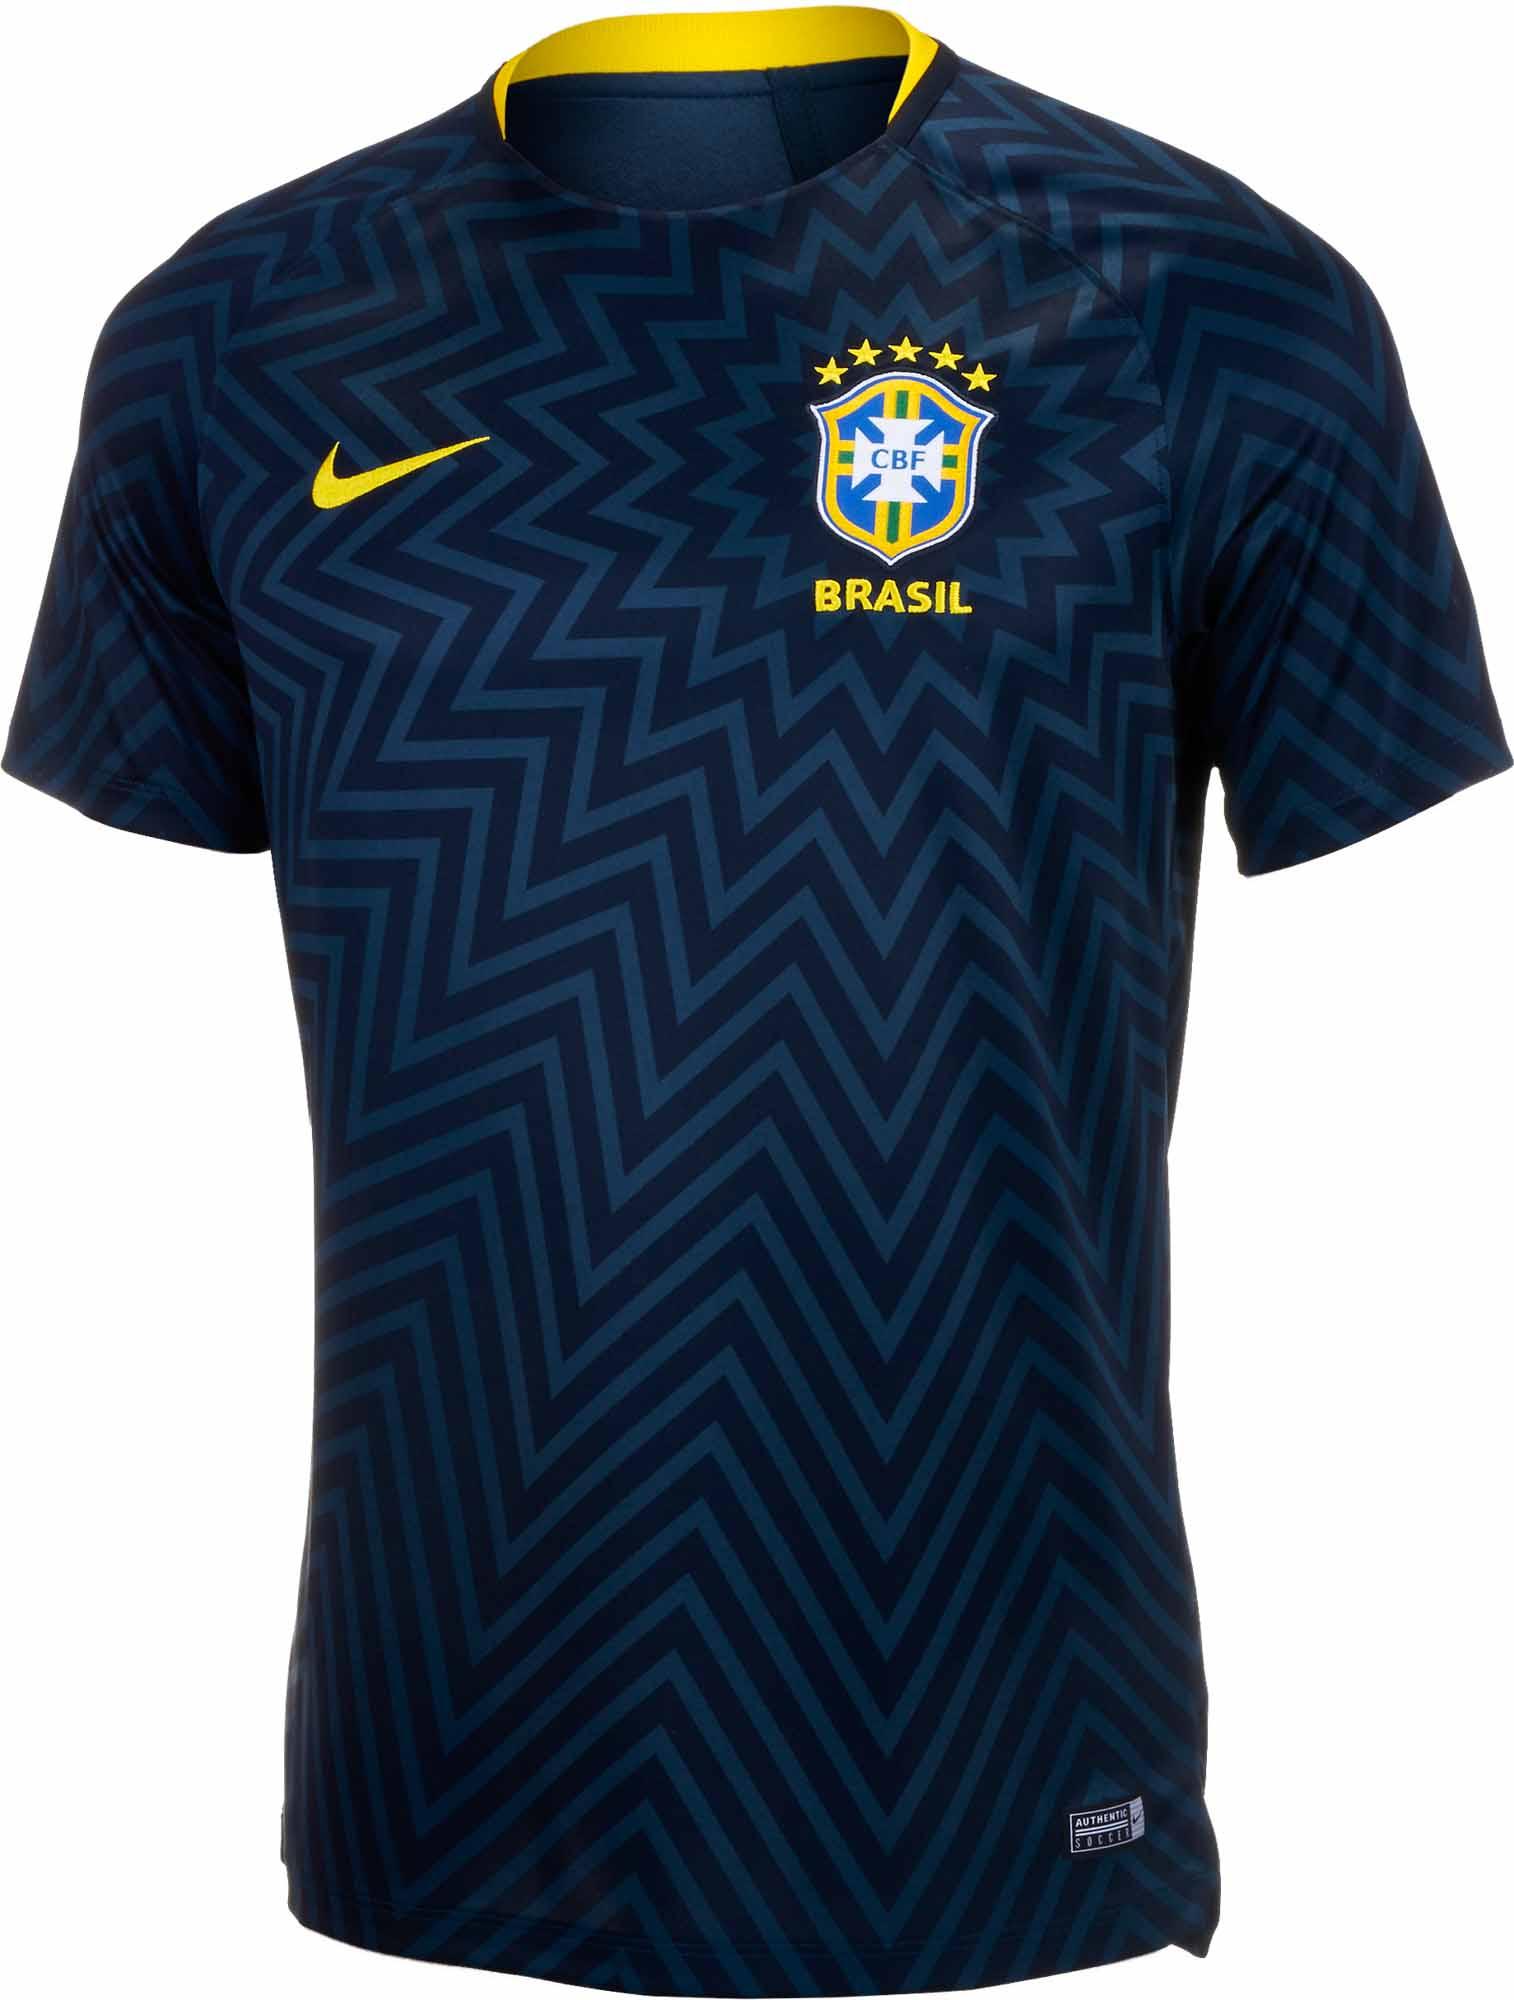 Nike Jersey Brazil Pre Match Jersey Nike Youth 2018 19 SoccerPro adcf2a